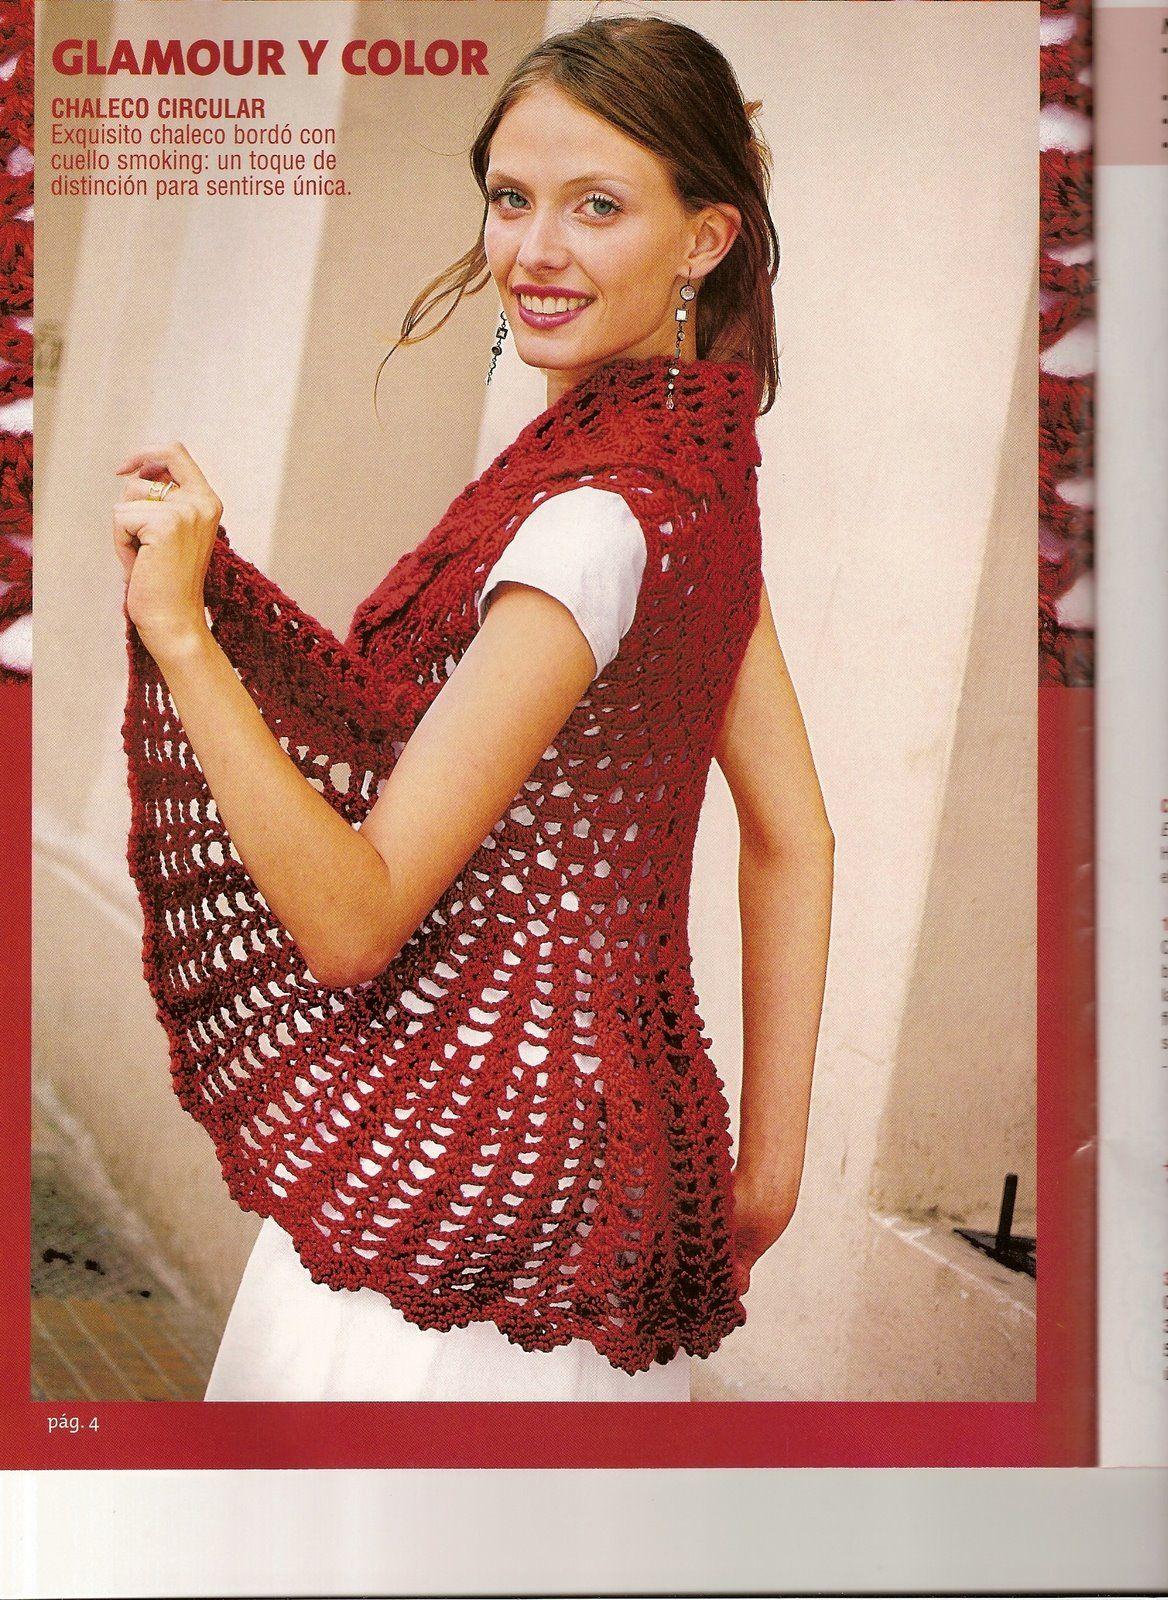 crochet patrones gratis español - Buscar con Google | tejido ...